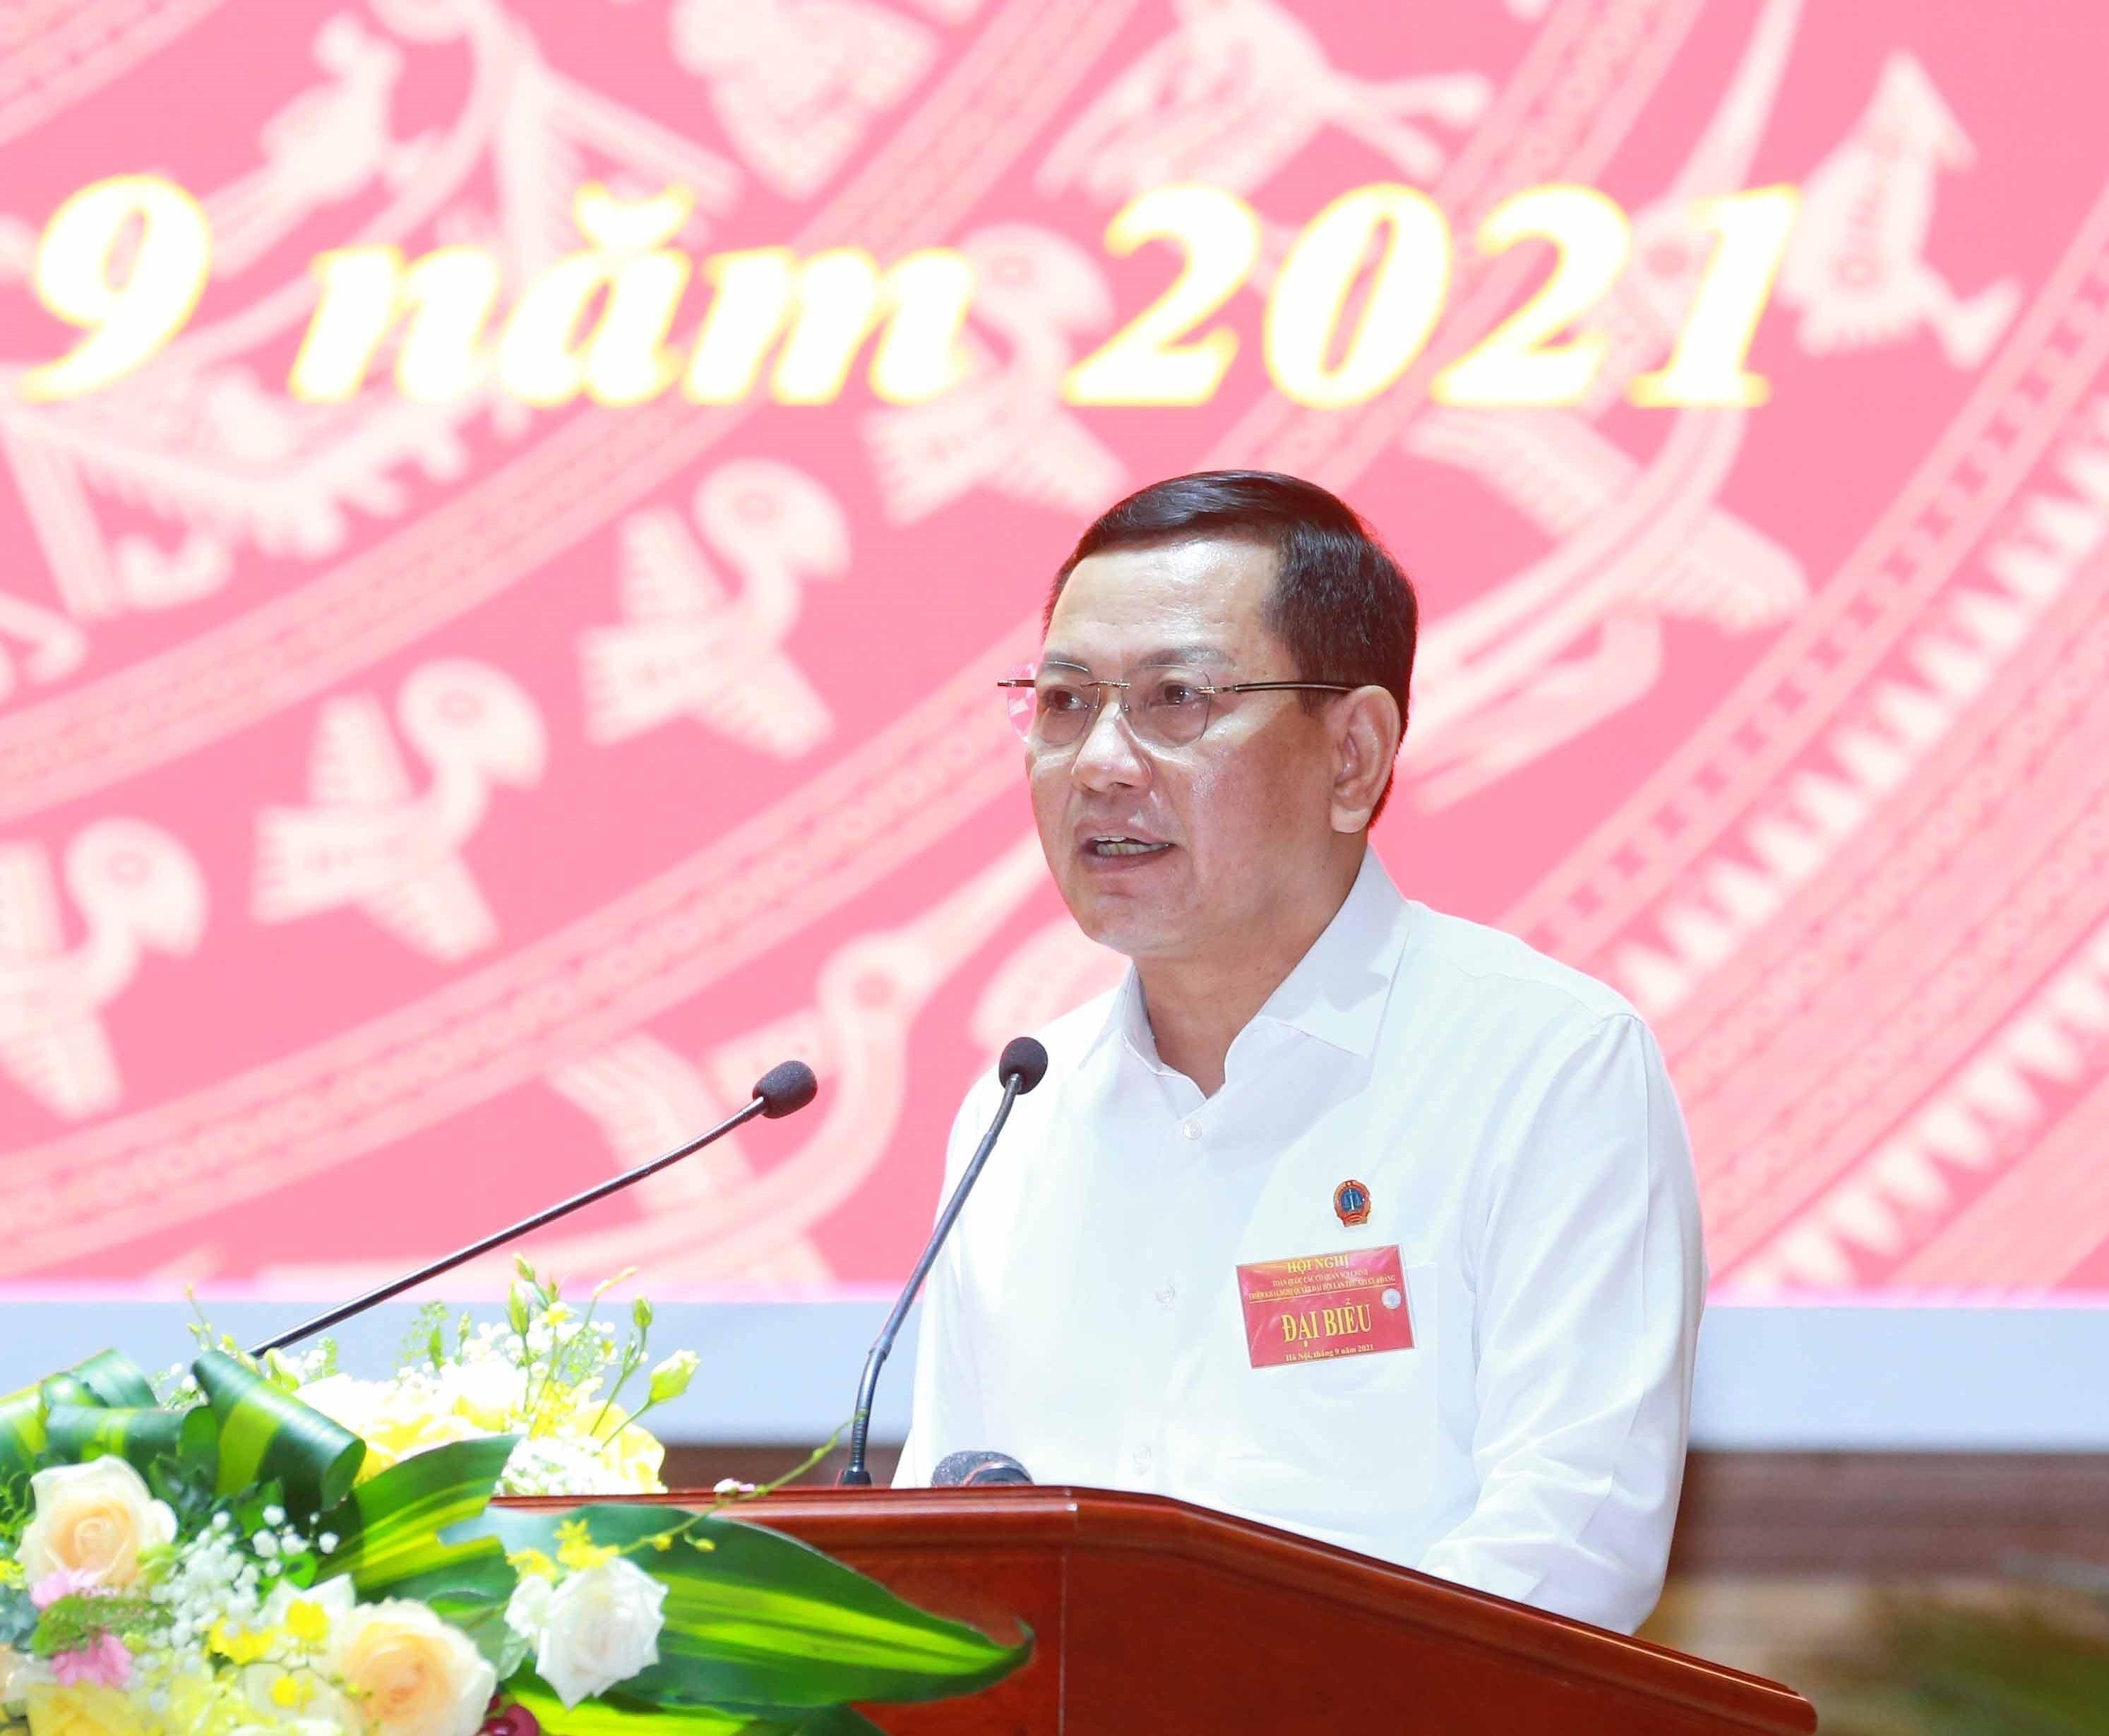 [Photo] Tong Bi thu chu tri Hoi nghi toan quoc cac co quan noi chinh hinh anh 9